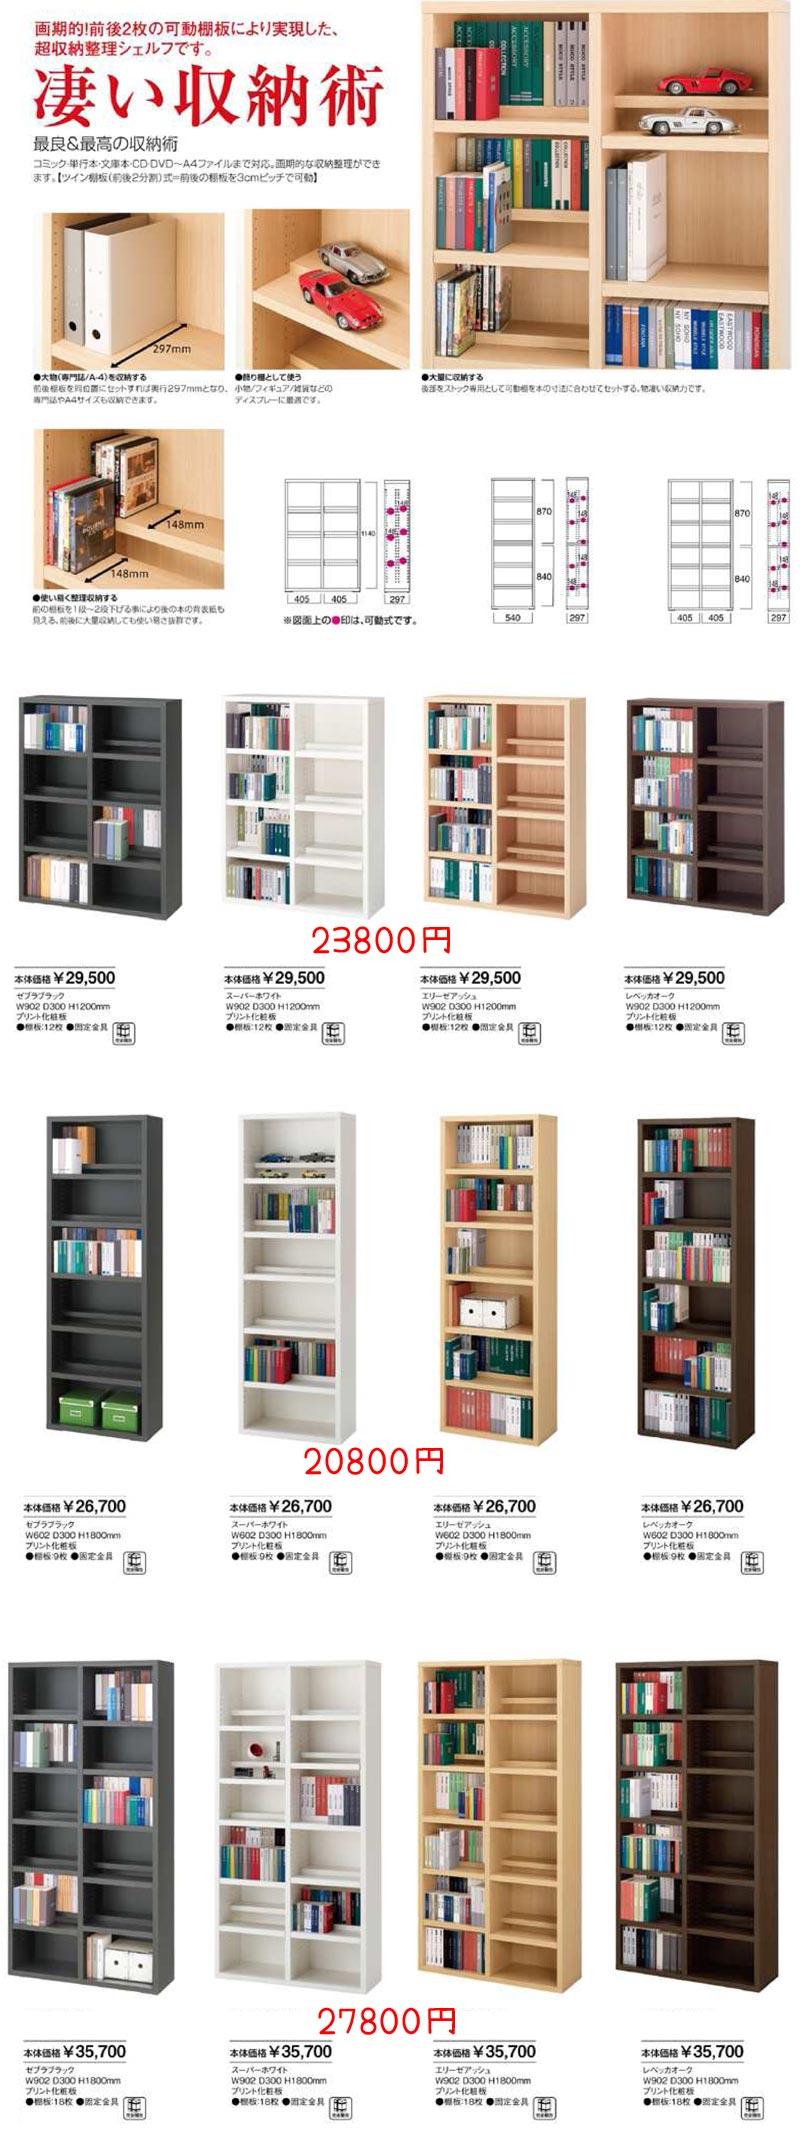 超収納力書棚3